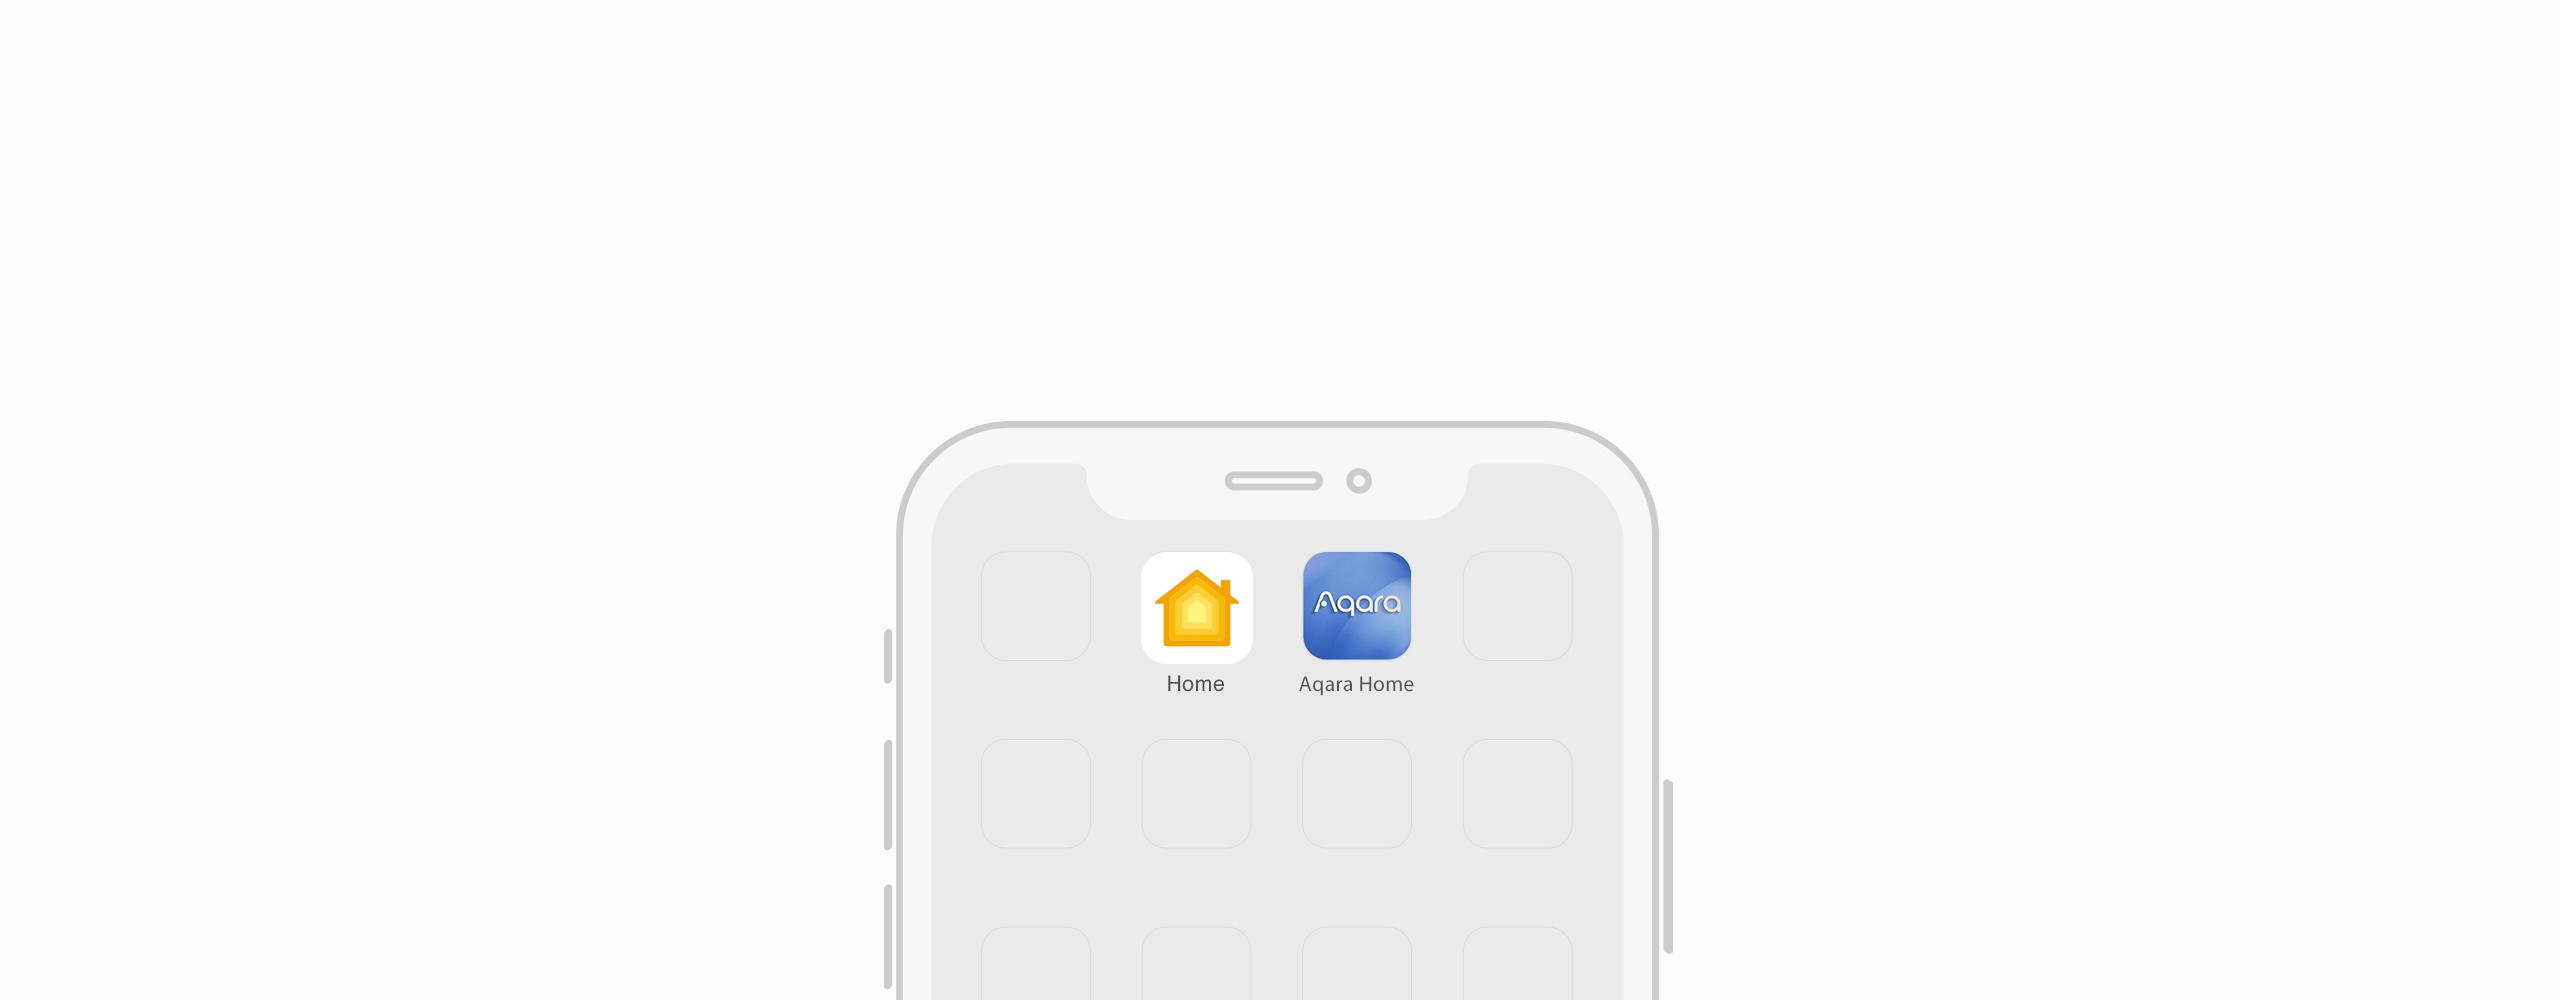 Aqara wireless smart light switch works with Apple HomeKit and Xiaomi Mijia